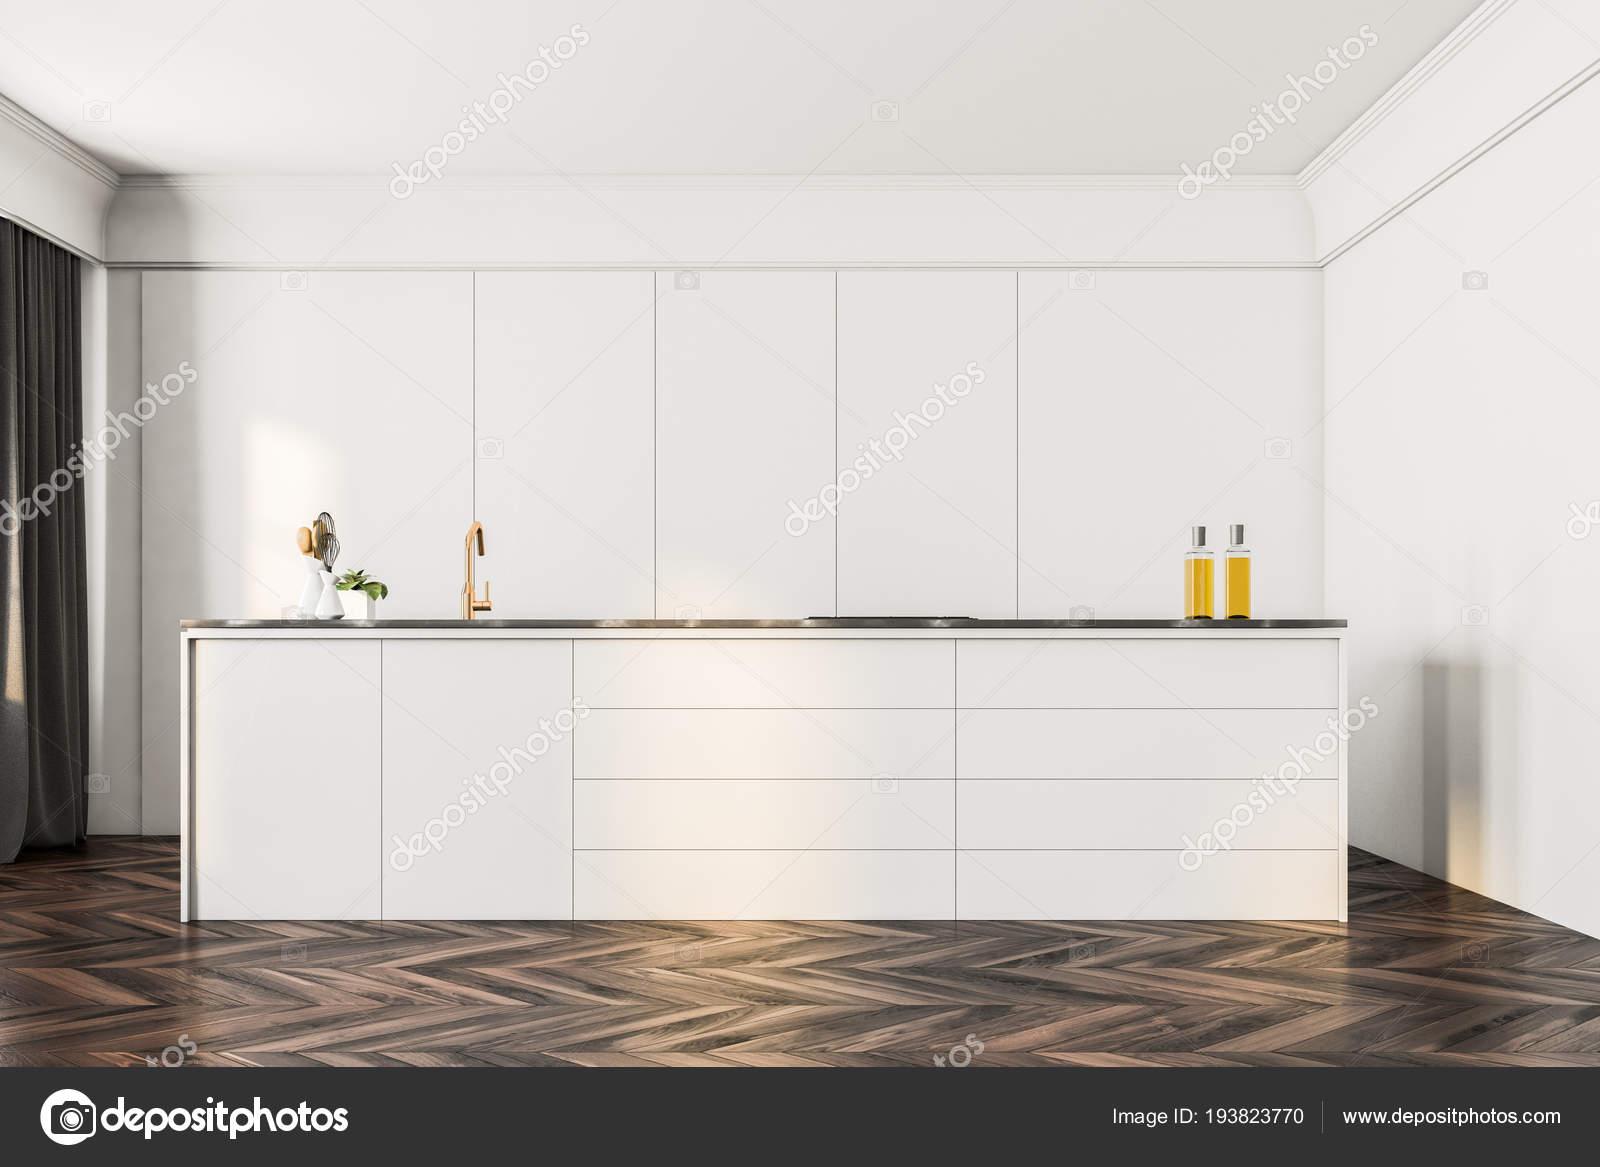 Minimalistische witte keuken interieur met een donkere houten vloer